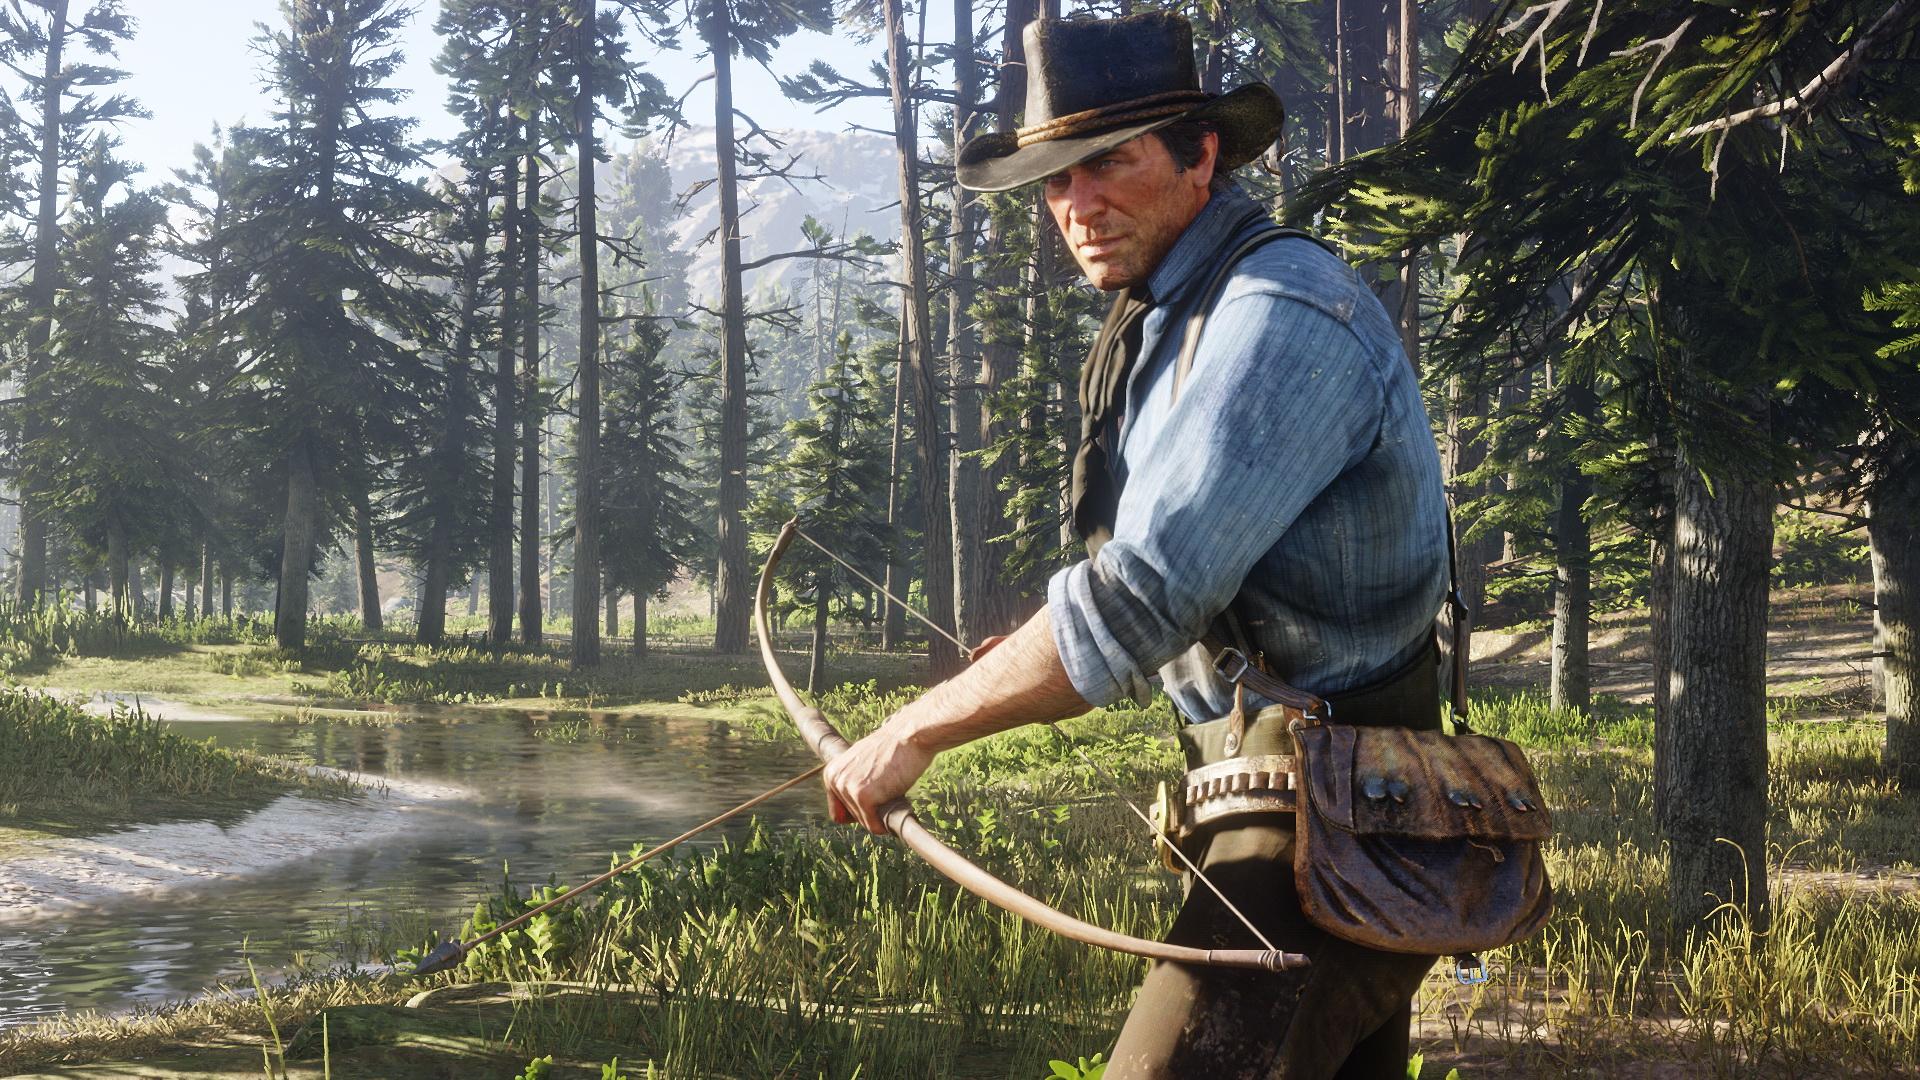 [Гайд] Оружие в игре Red Dead Redemption 2. - Изображение 8